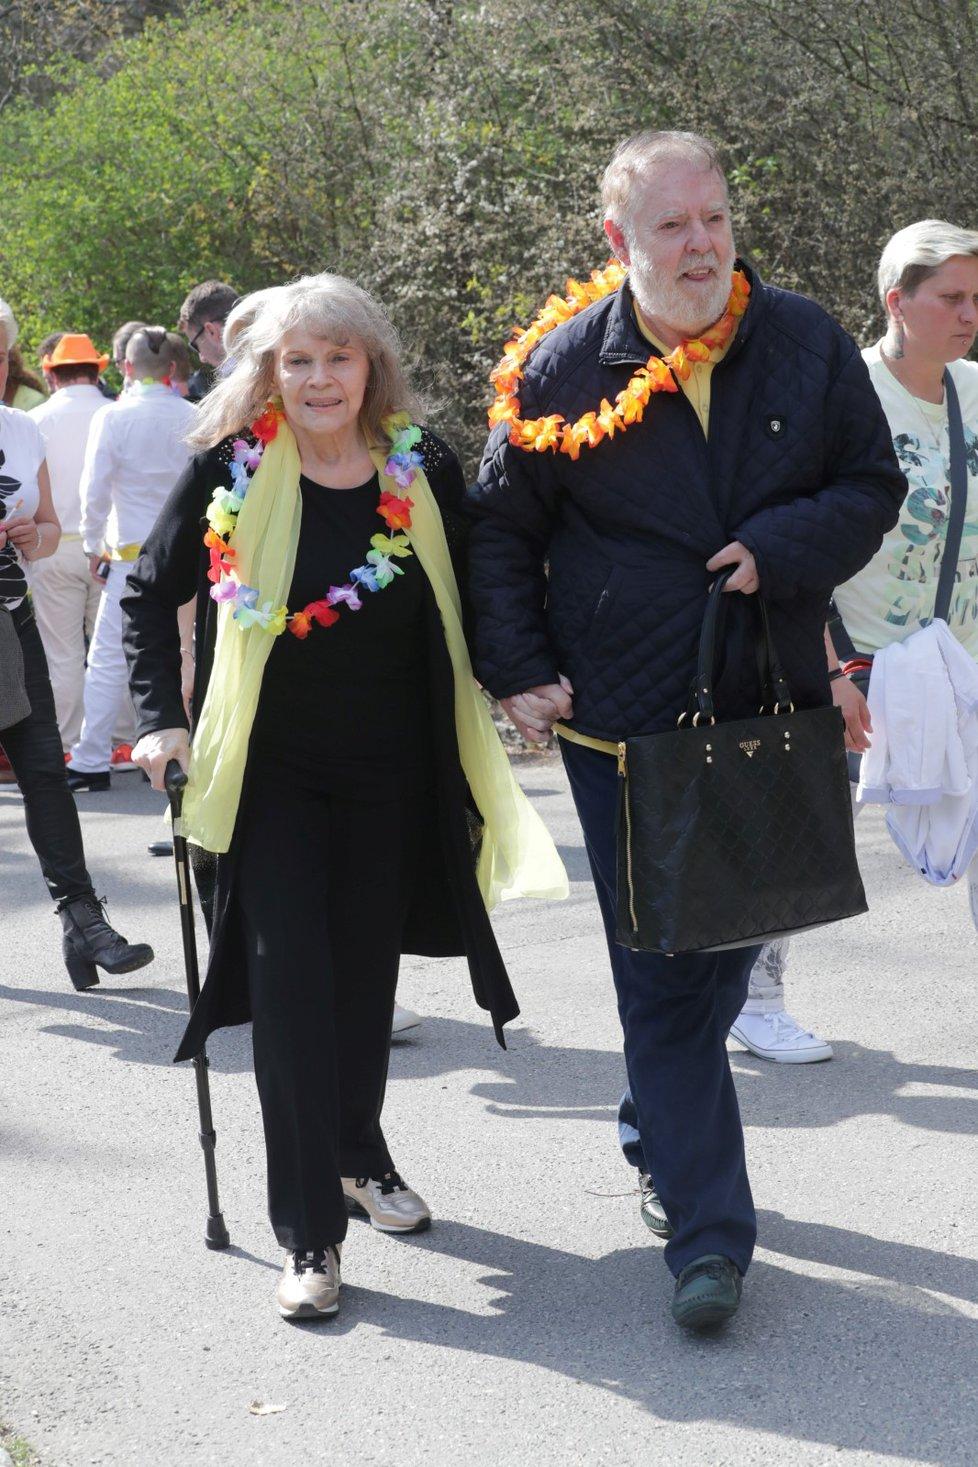 Pohřeb Daniela Nekonečného: Eva Pilarová s manželem